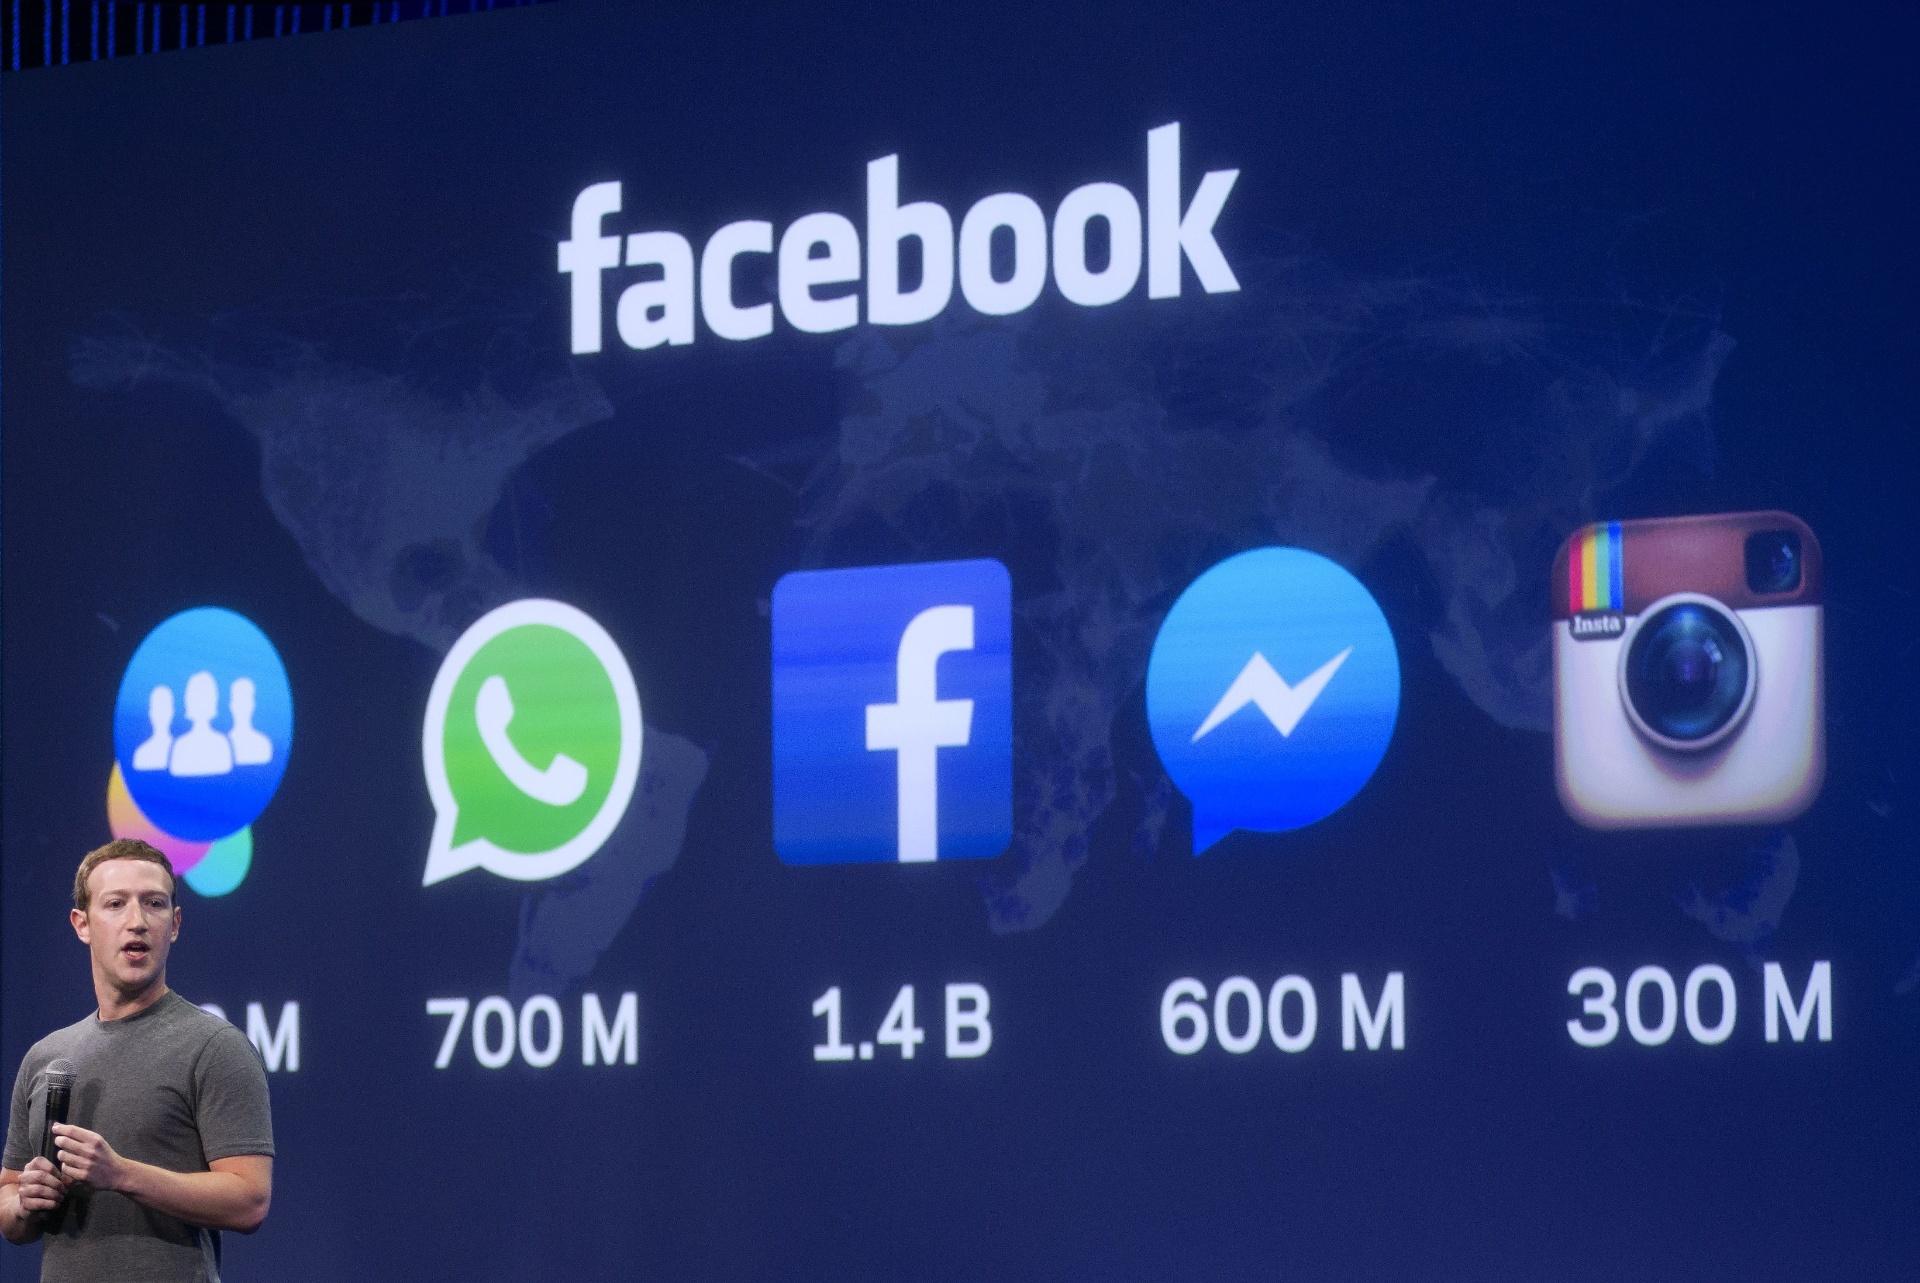 72b38b4d224 Facebook vai liberar botão que apaga mensagens do Messenger de vez -  06 04 2018 - UOL Tecnologia